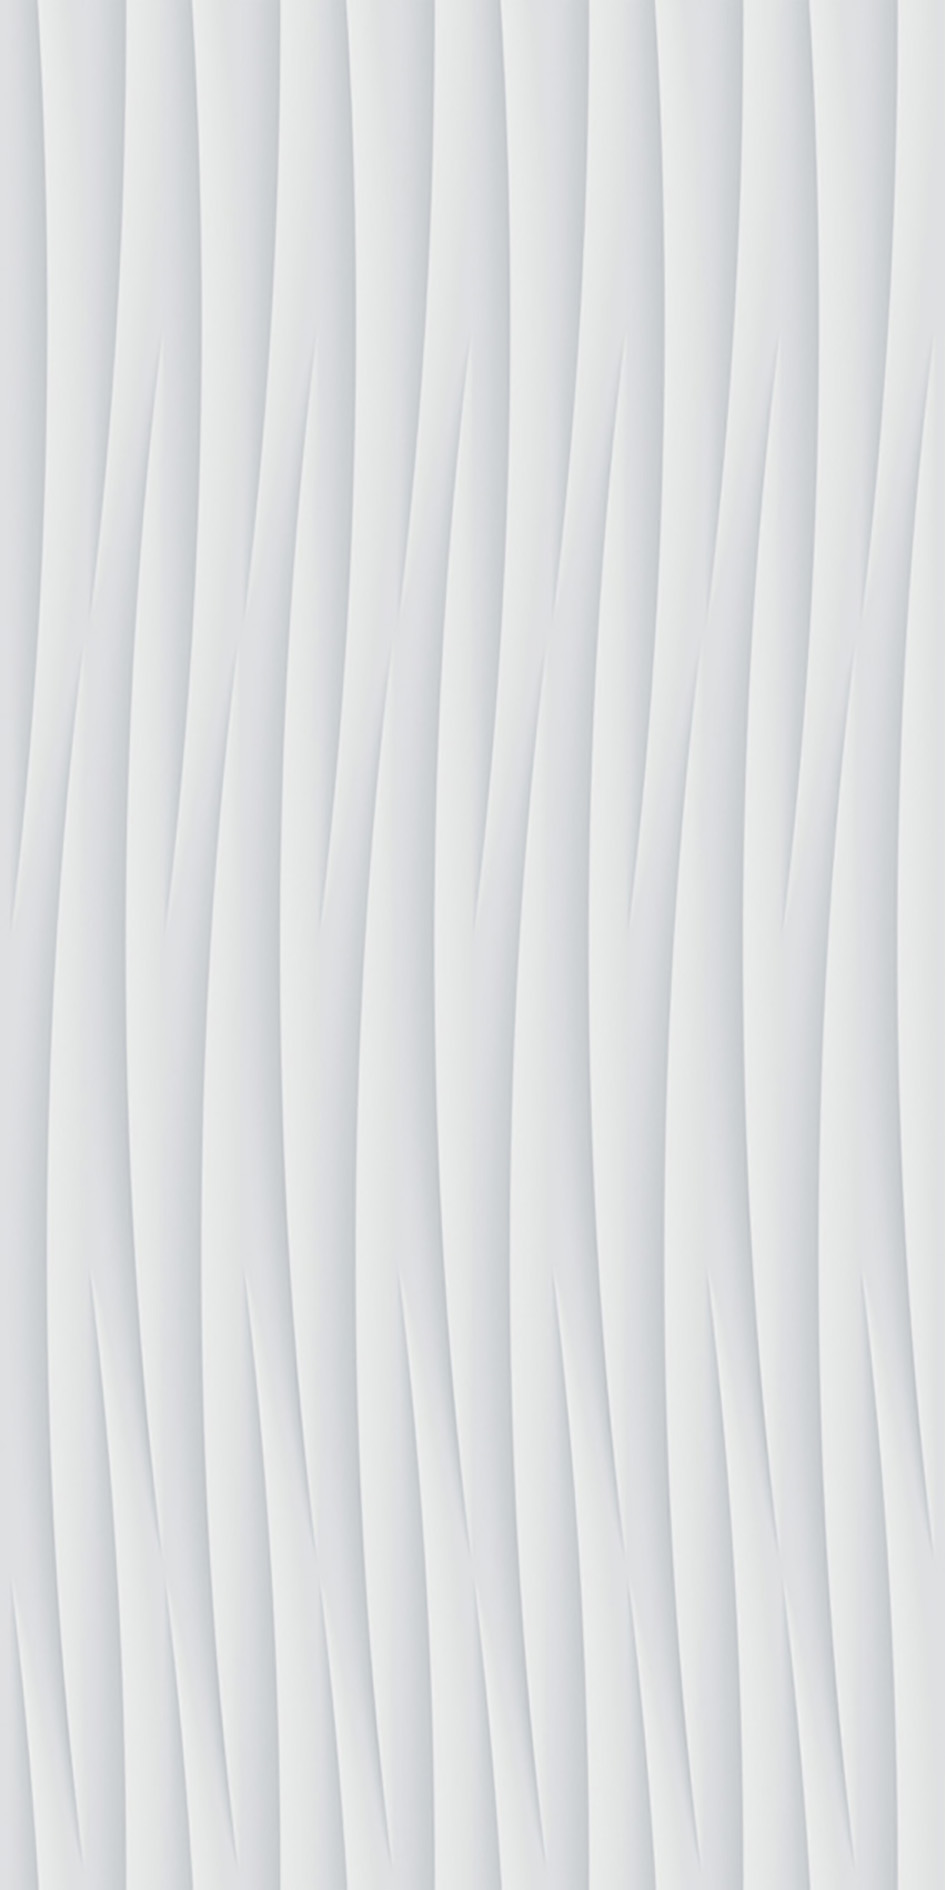 Wave White